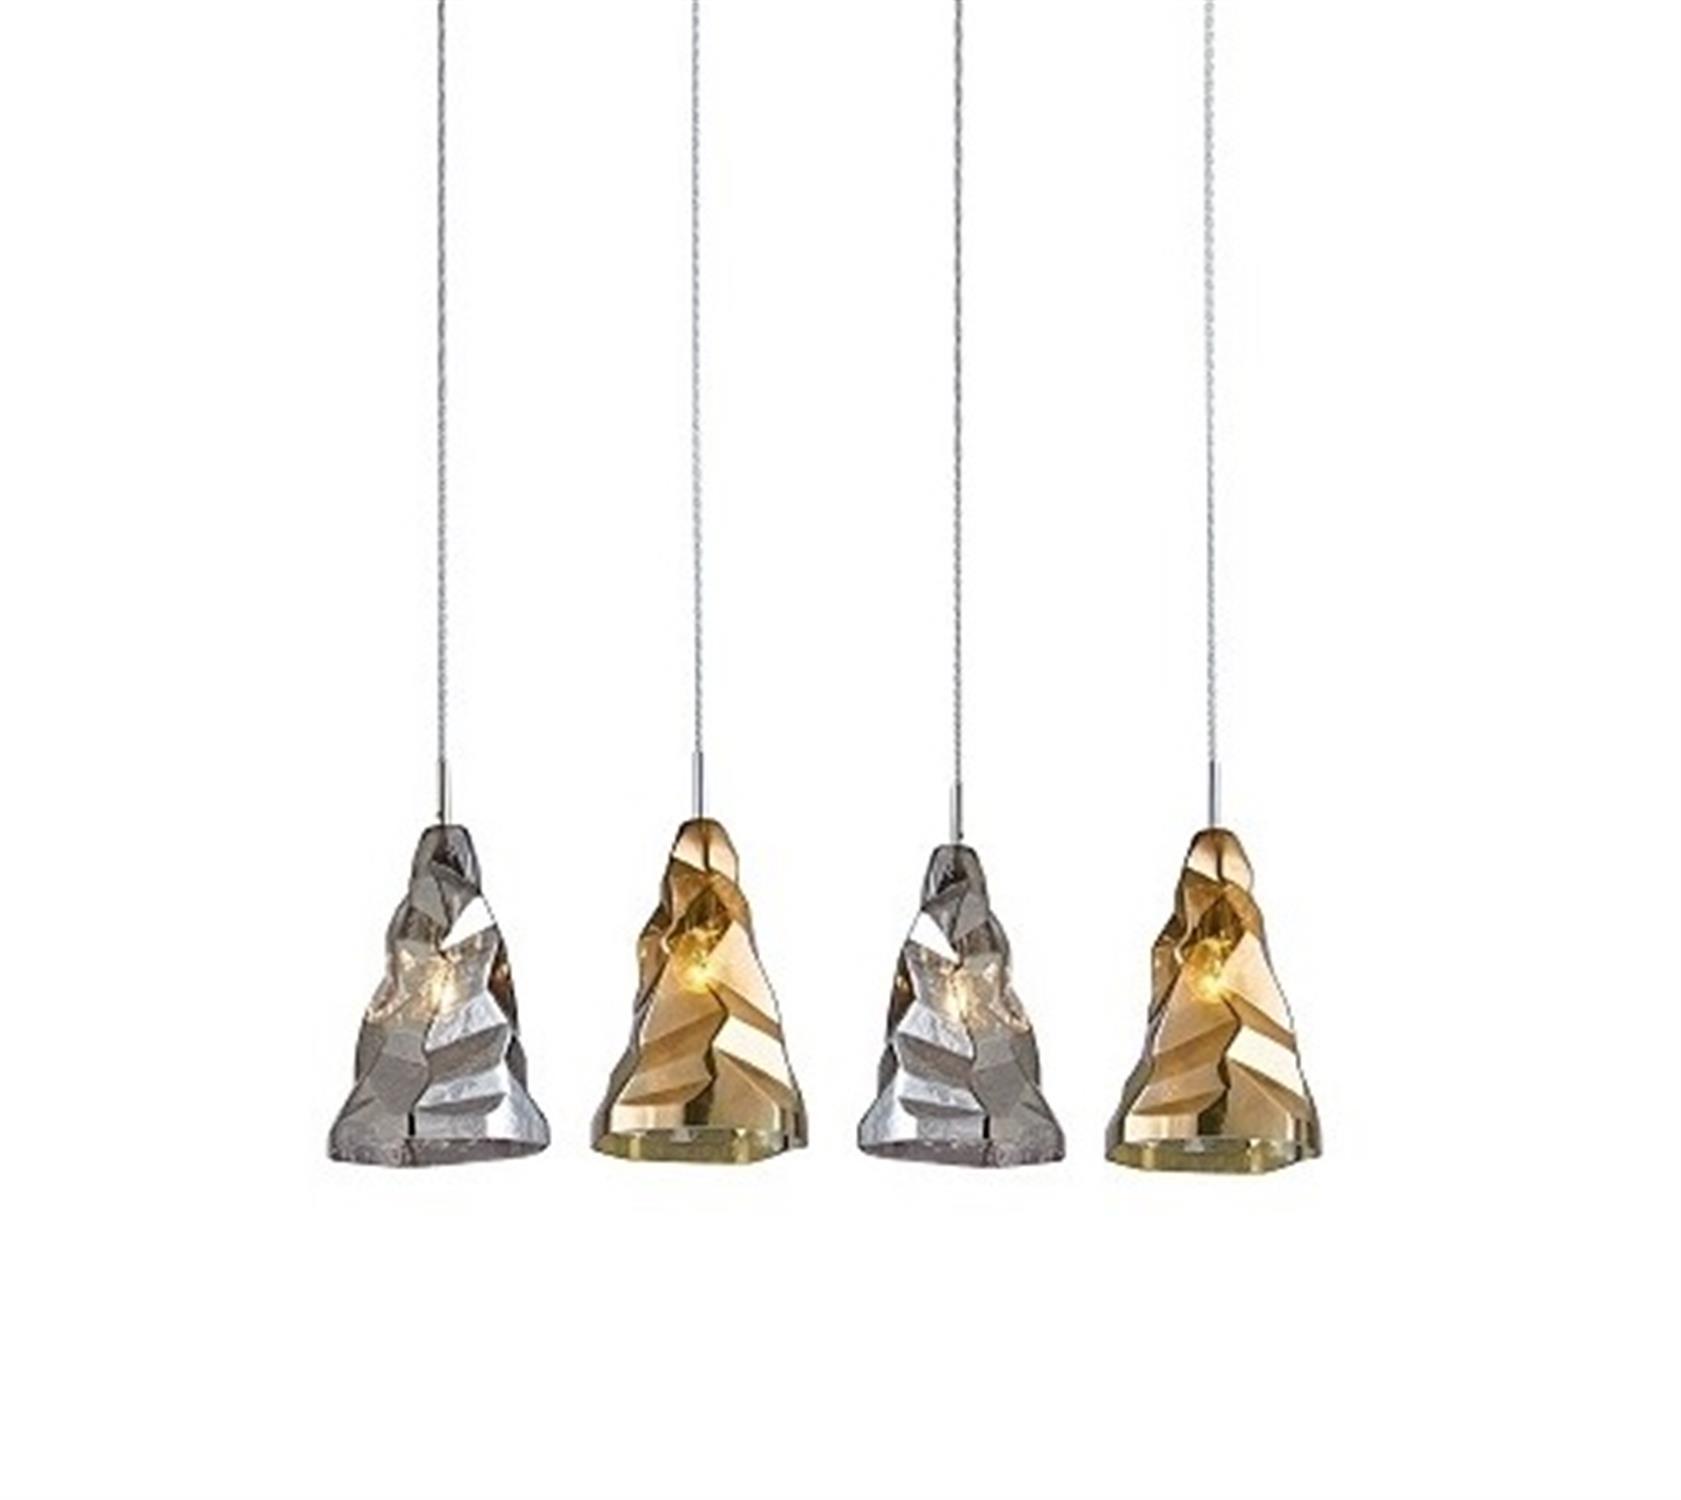 Φωτιστικό οροφής 4φωτο χειροποίητο γυάλινο χρυσό και ανθρακί Luigi 85×22.5x120cm Home Lighting 77-3701